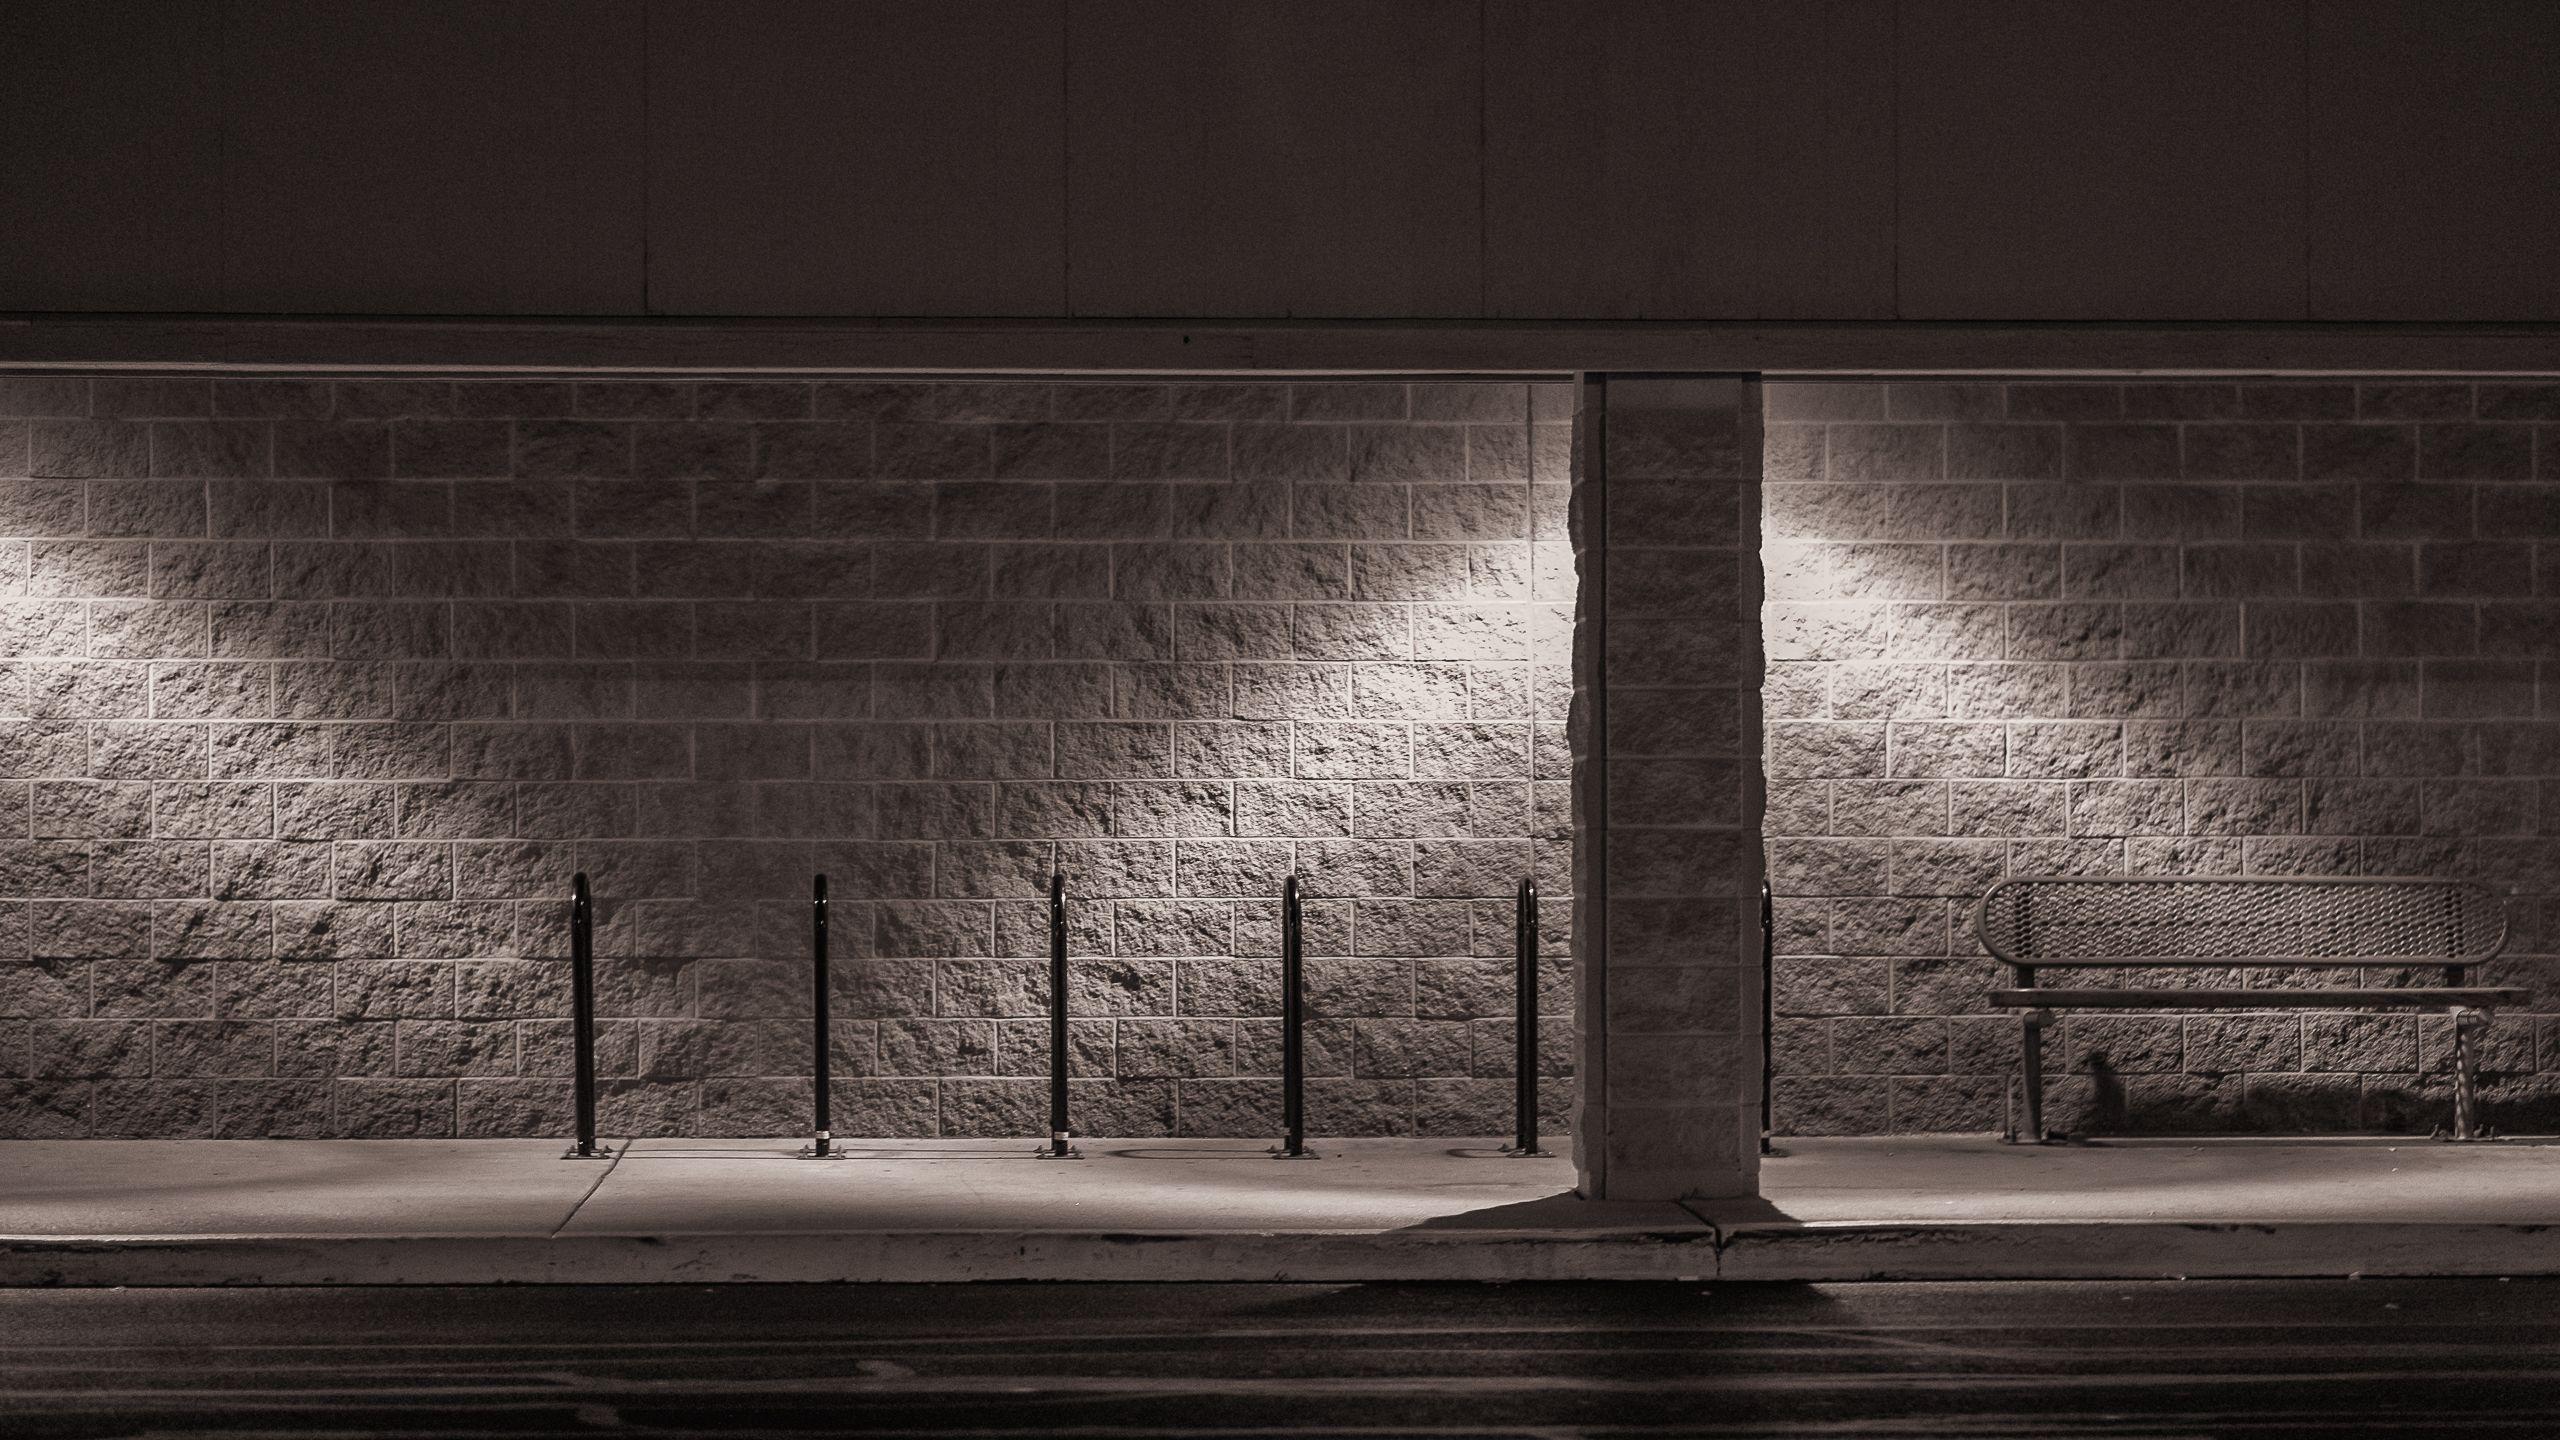 папы картинка серая стена на улице зависимости модификации автомобиль